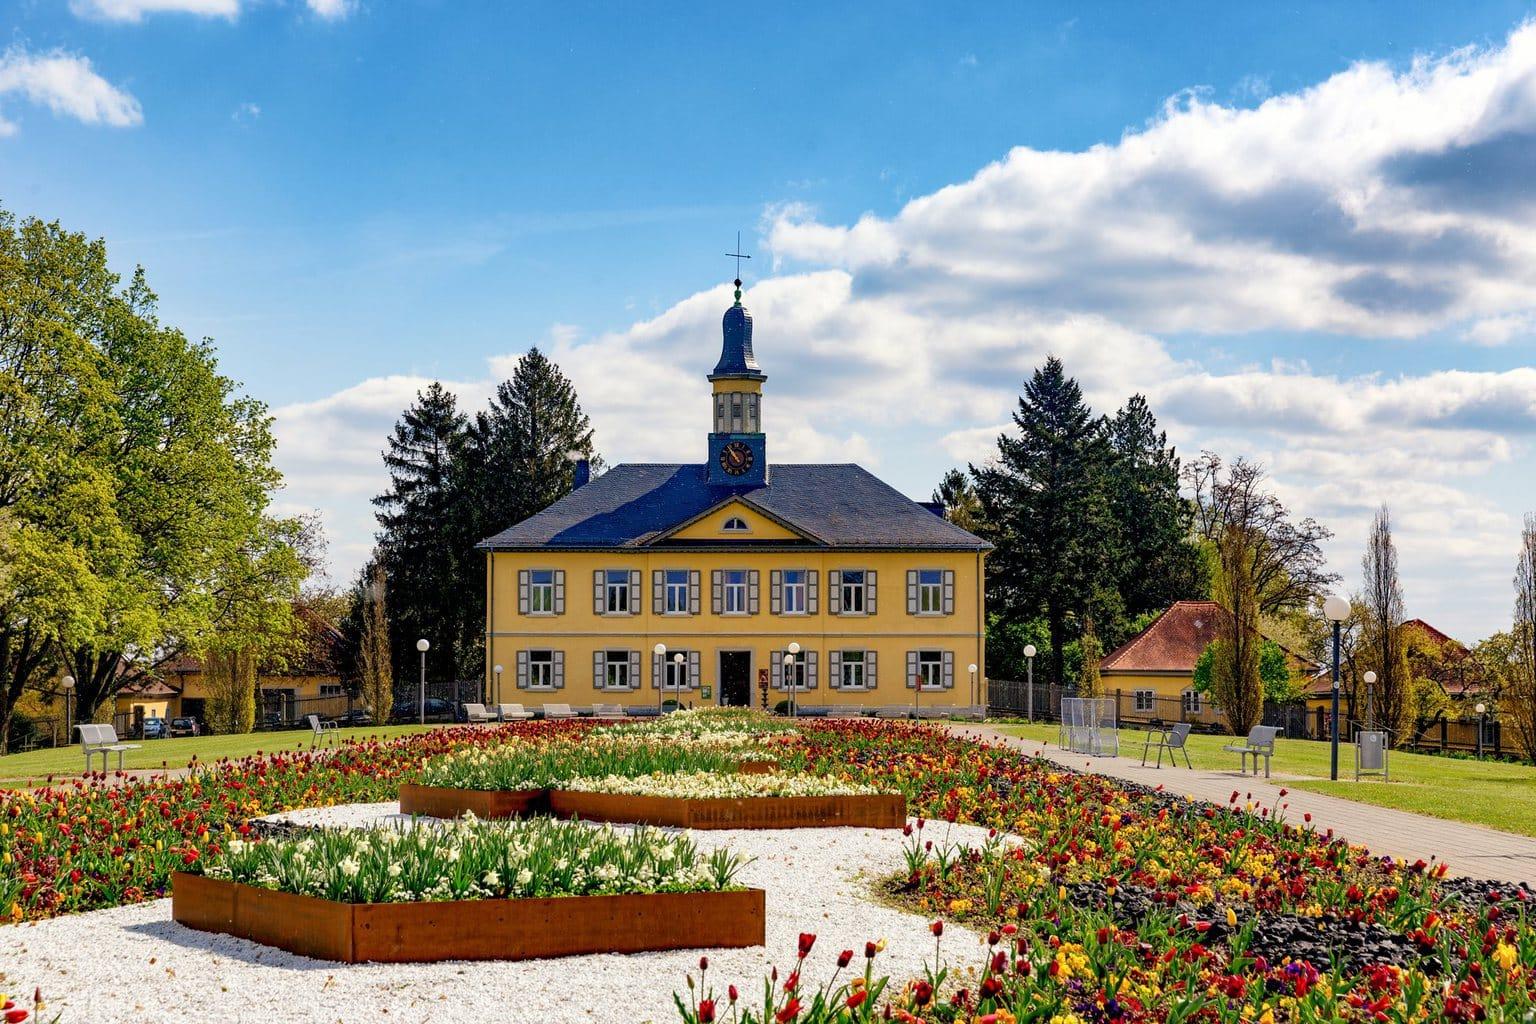 Het hotel resort Ayurveda Garden is ondergebracht in een prachtige buitenplaats in Bad Rappenau